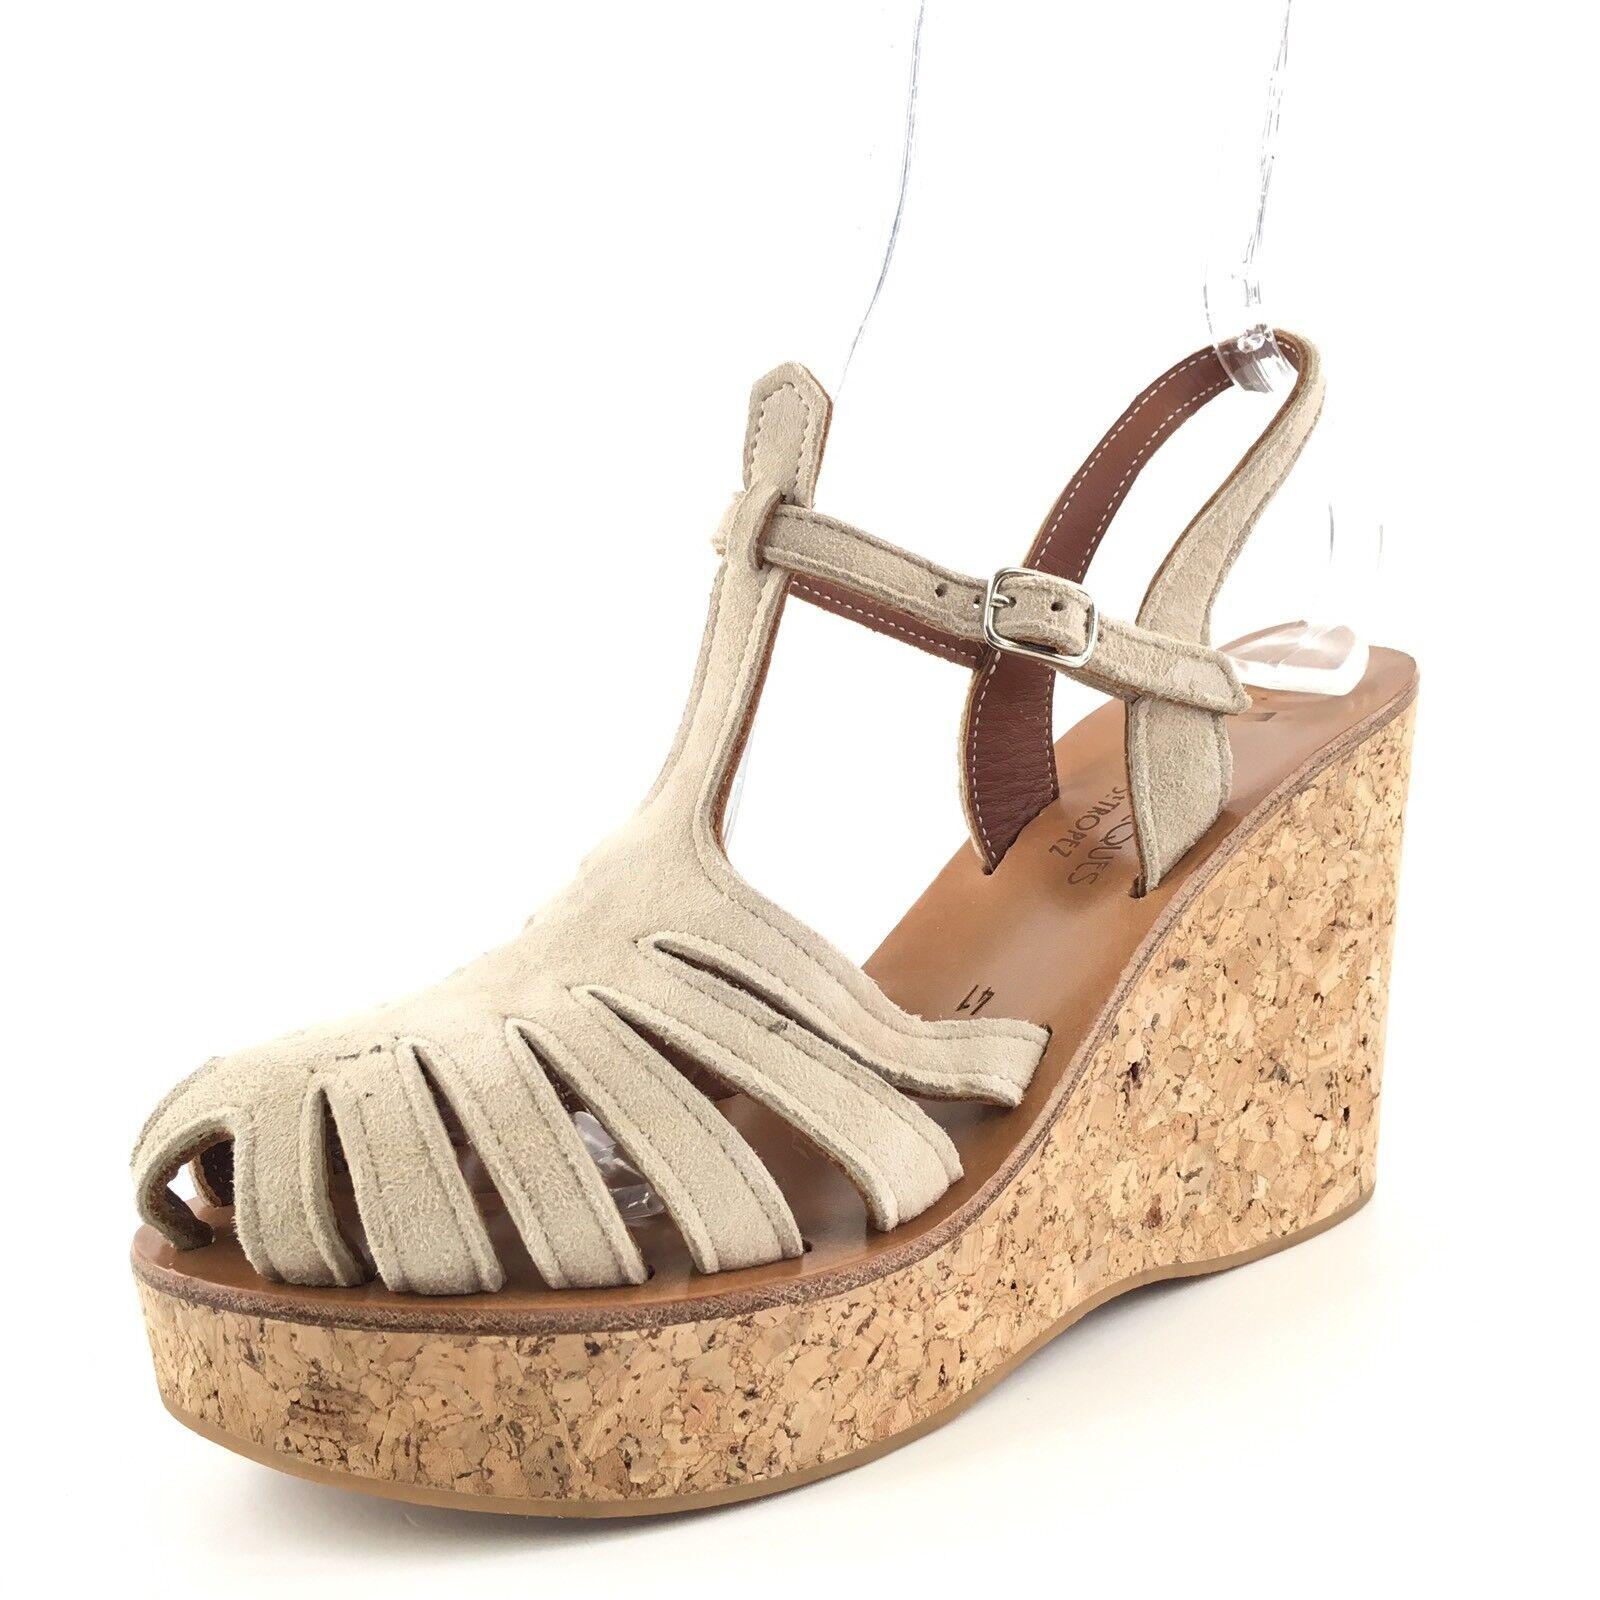 K. Jacques St. Tropez Taupe Suede Slingback Platform Sandals Women's Size 41 M